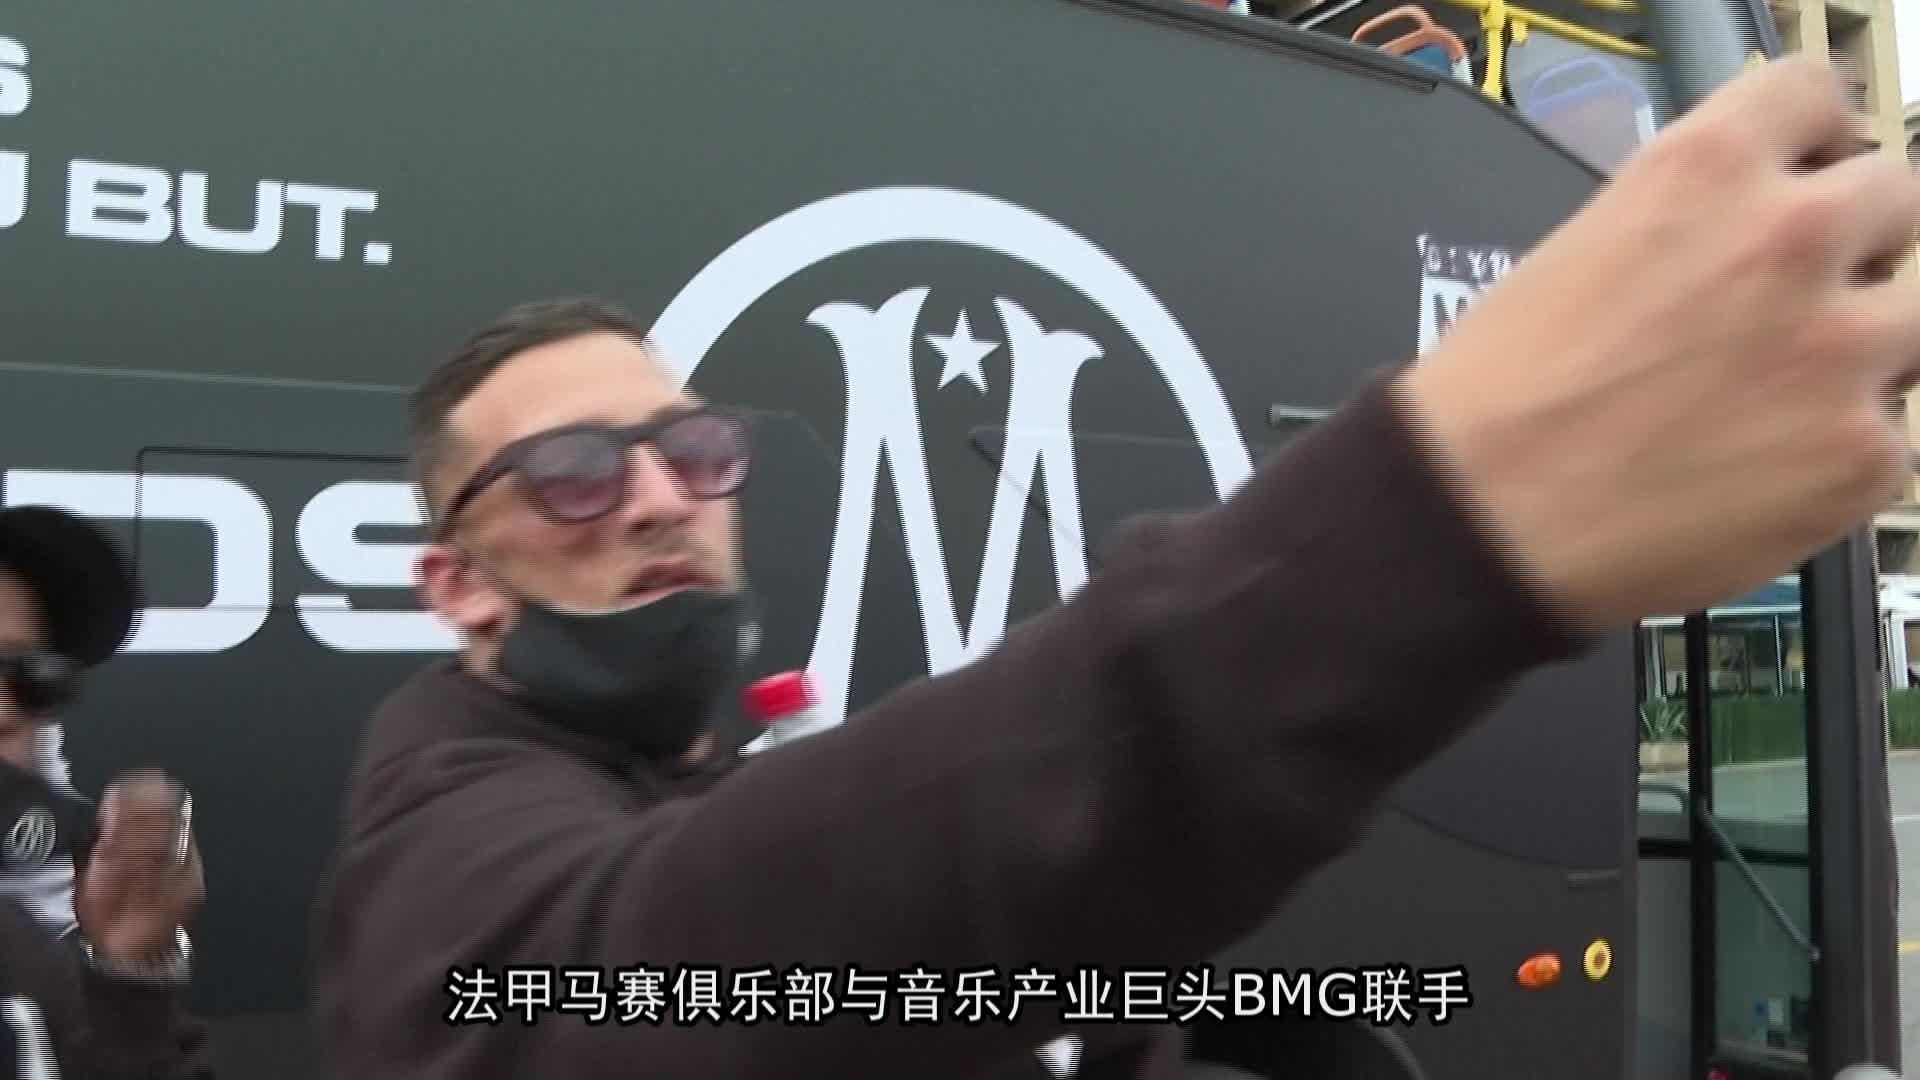 法甲马赛俱乐部推出饶舌嘻哈厂牌